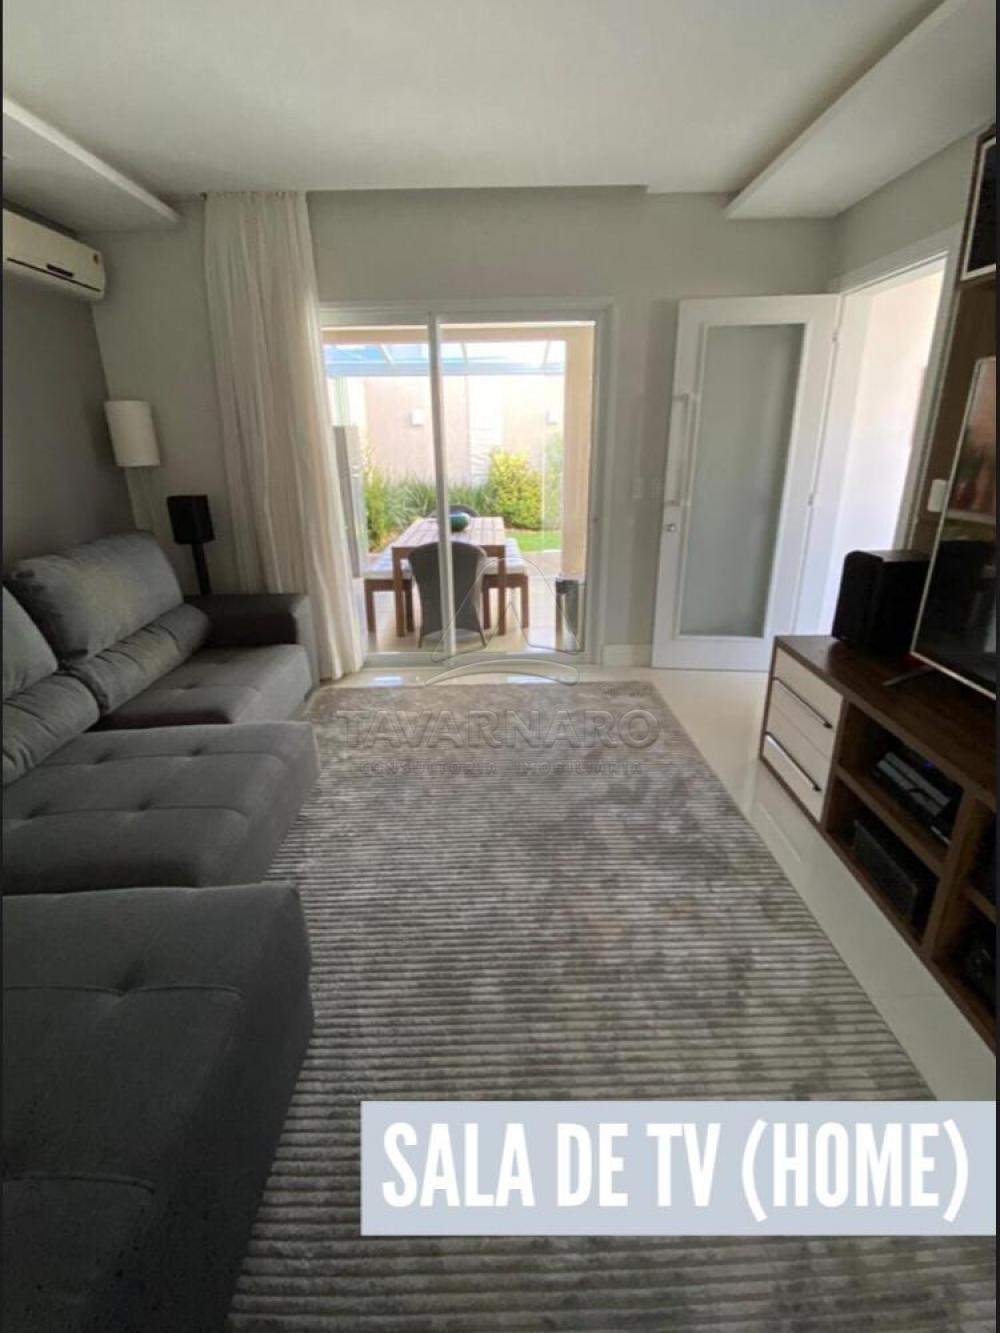 Comprar Casa / Condomínio em Ponta Grossa apenas R$ 1.590.000,00 - Foto 6